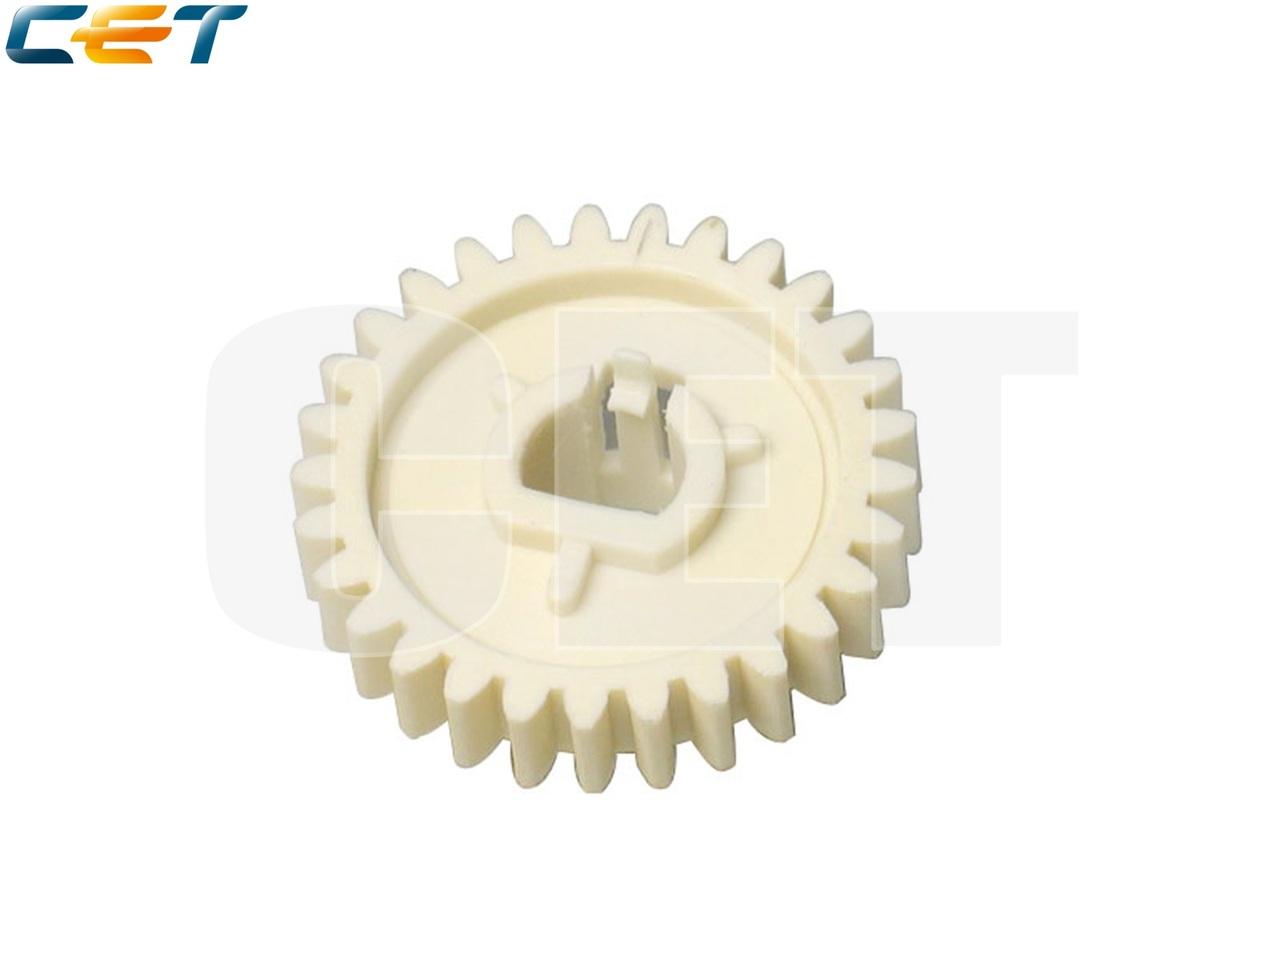 Шестерня привода резинового вала 29T RU5-0331-000 для HPLaserJet 1160/1320/2420 (CET), CET0025